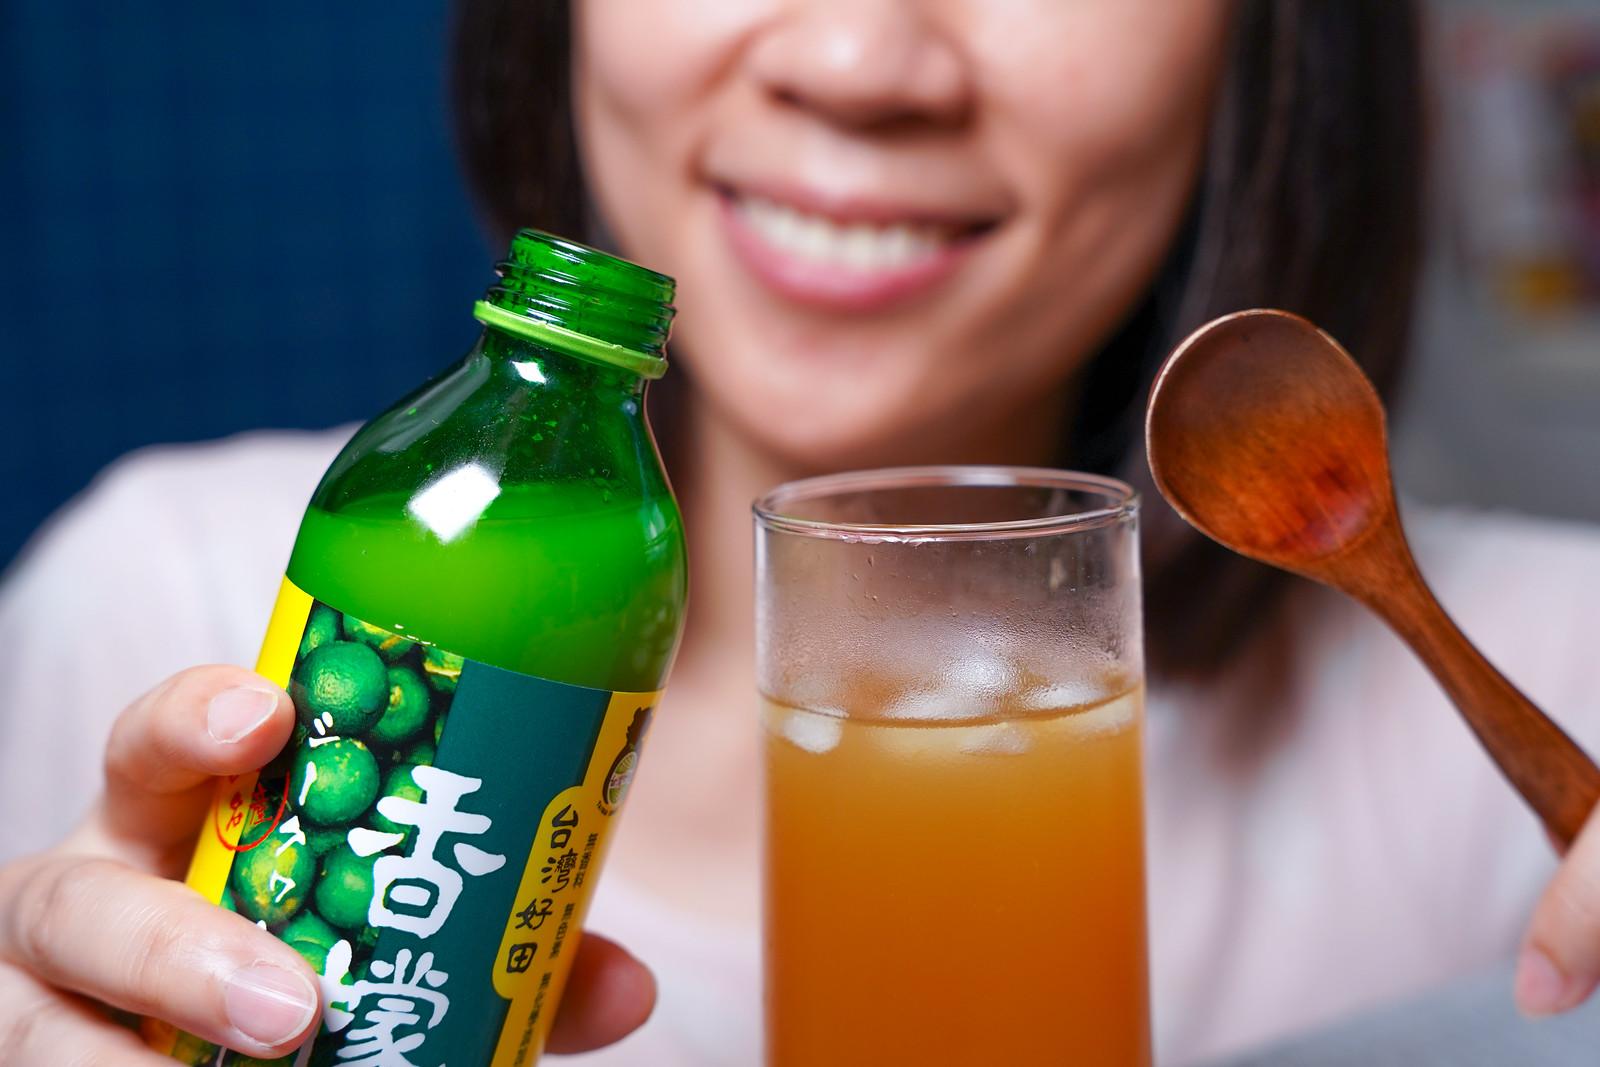 台灣好田-香檬原汁+蜂蜜檸檬紅茶